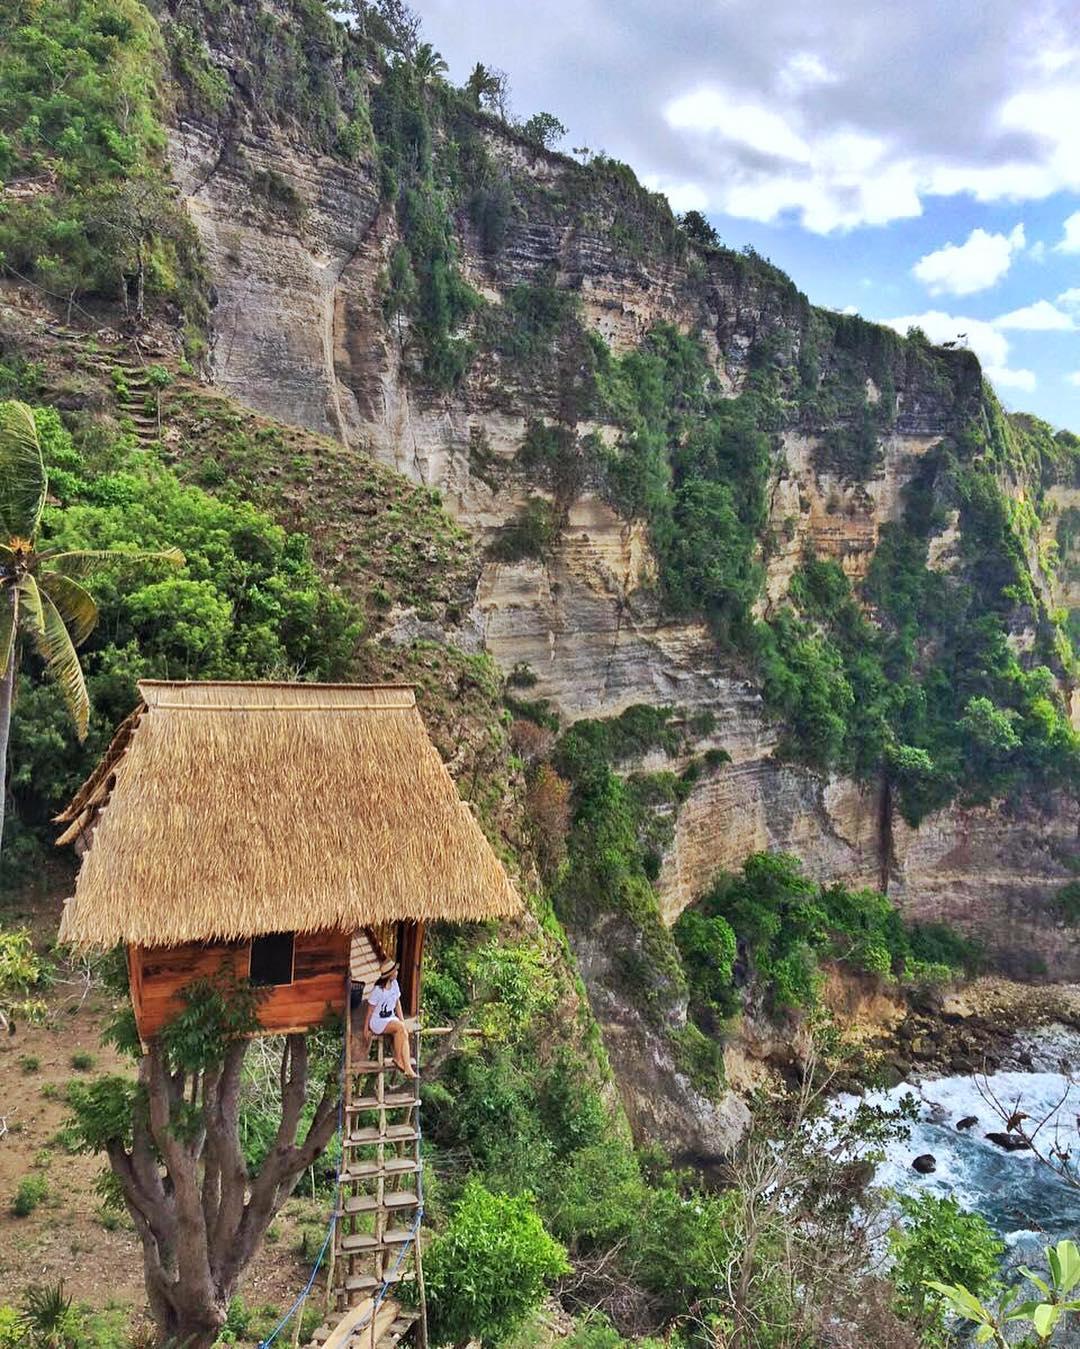 Rumah Pohon Batu Molenteng Atuh Area, Penginapan dan Tempat Foto Instagramable di Nusa Penida